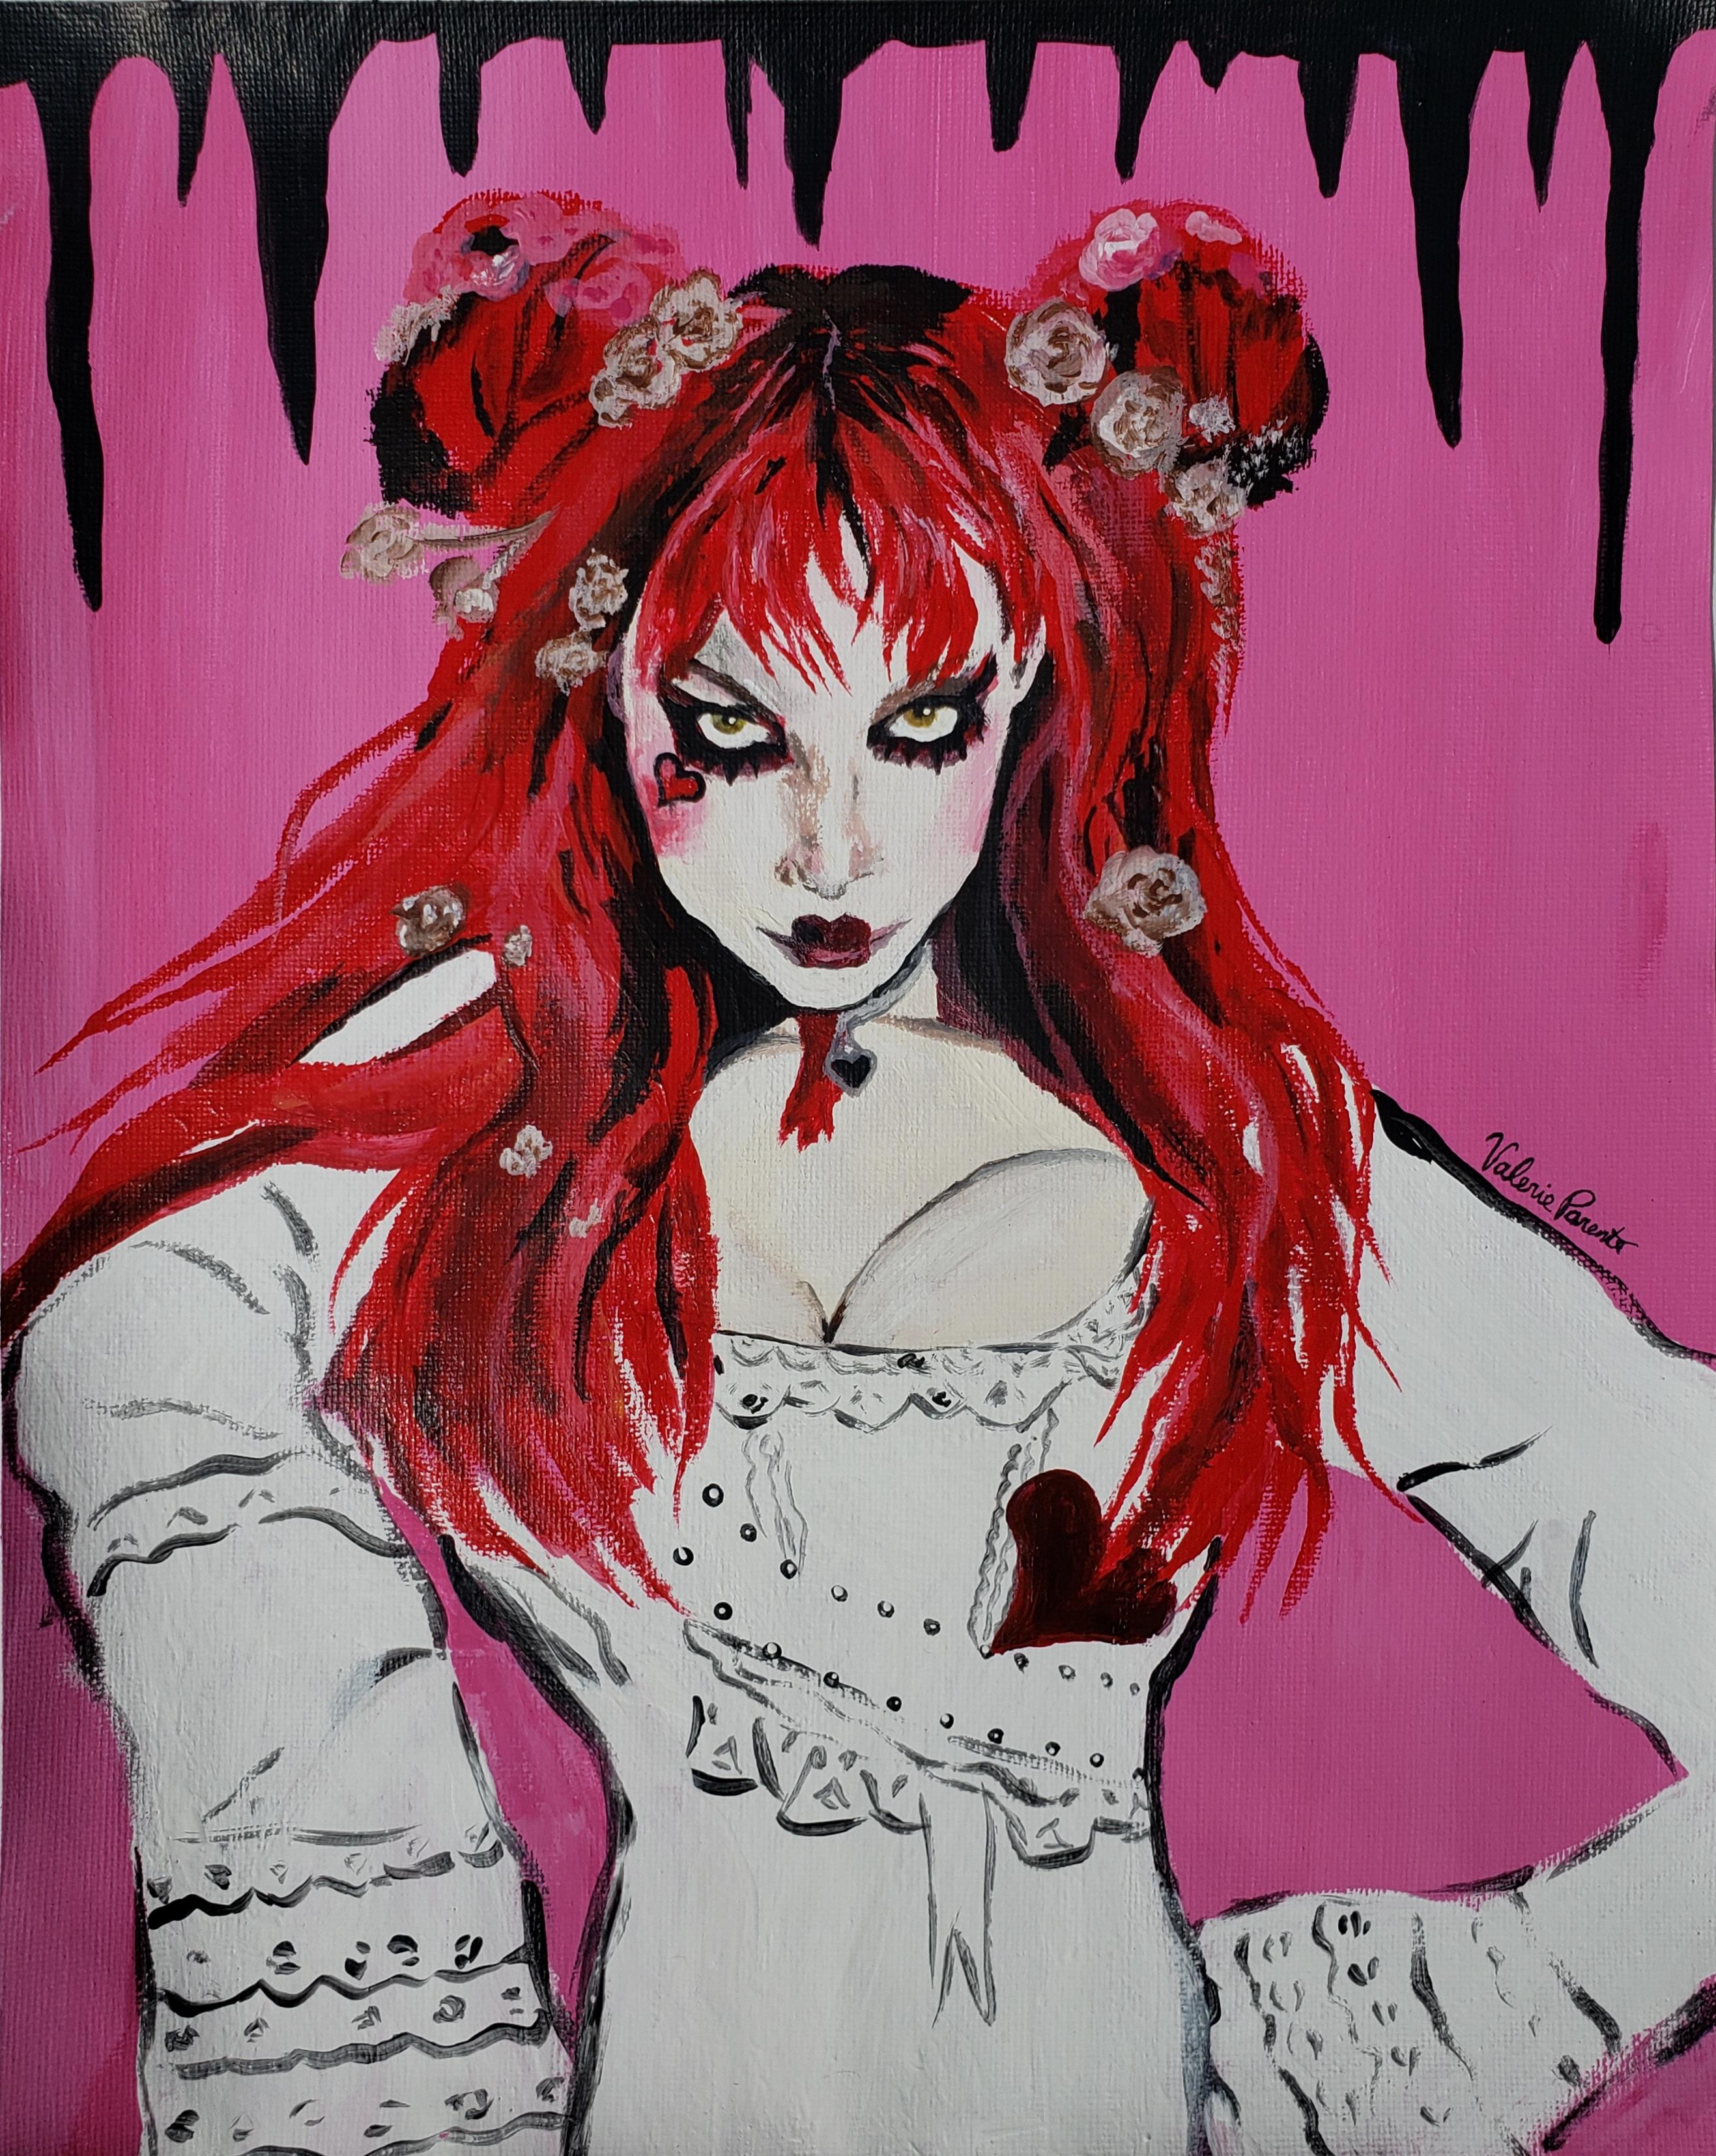 """""""Emilie Autumn - The Kindest Demon"""" by Valerie Parente"""